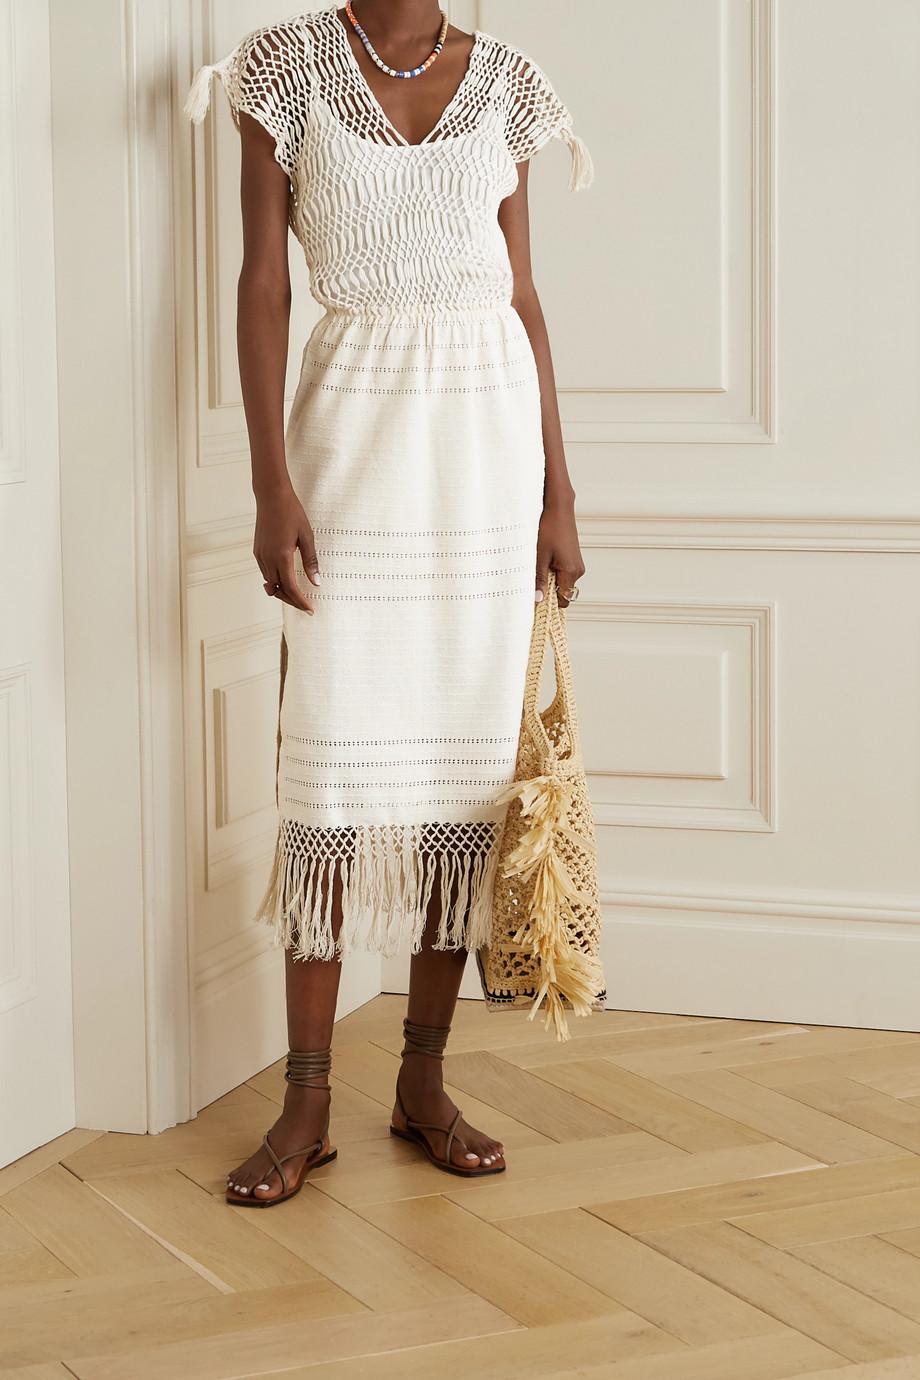 Jaline + NET SUSTAIN Bianca Midikleid aus Baumwolle mit Makrameepartie und Fransen